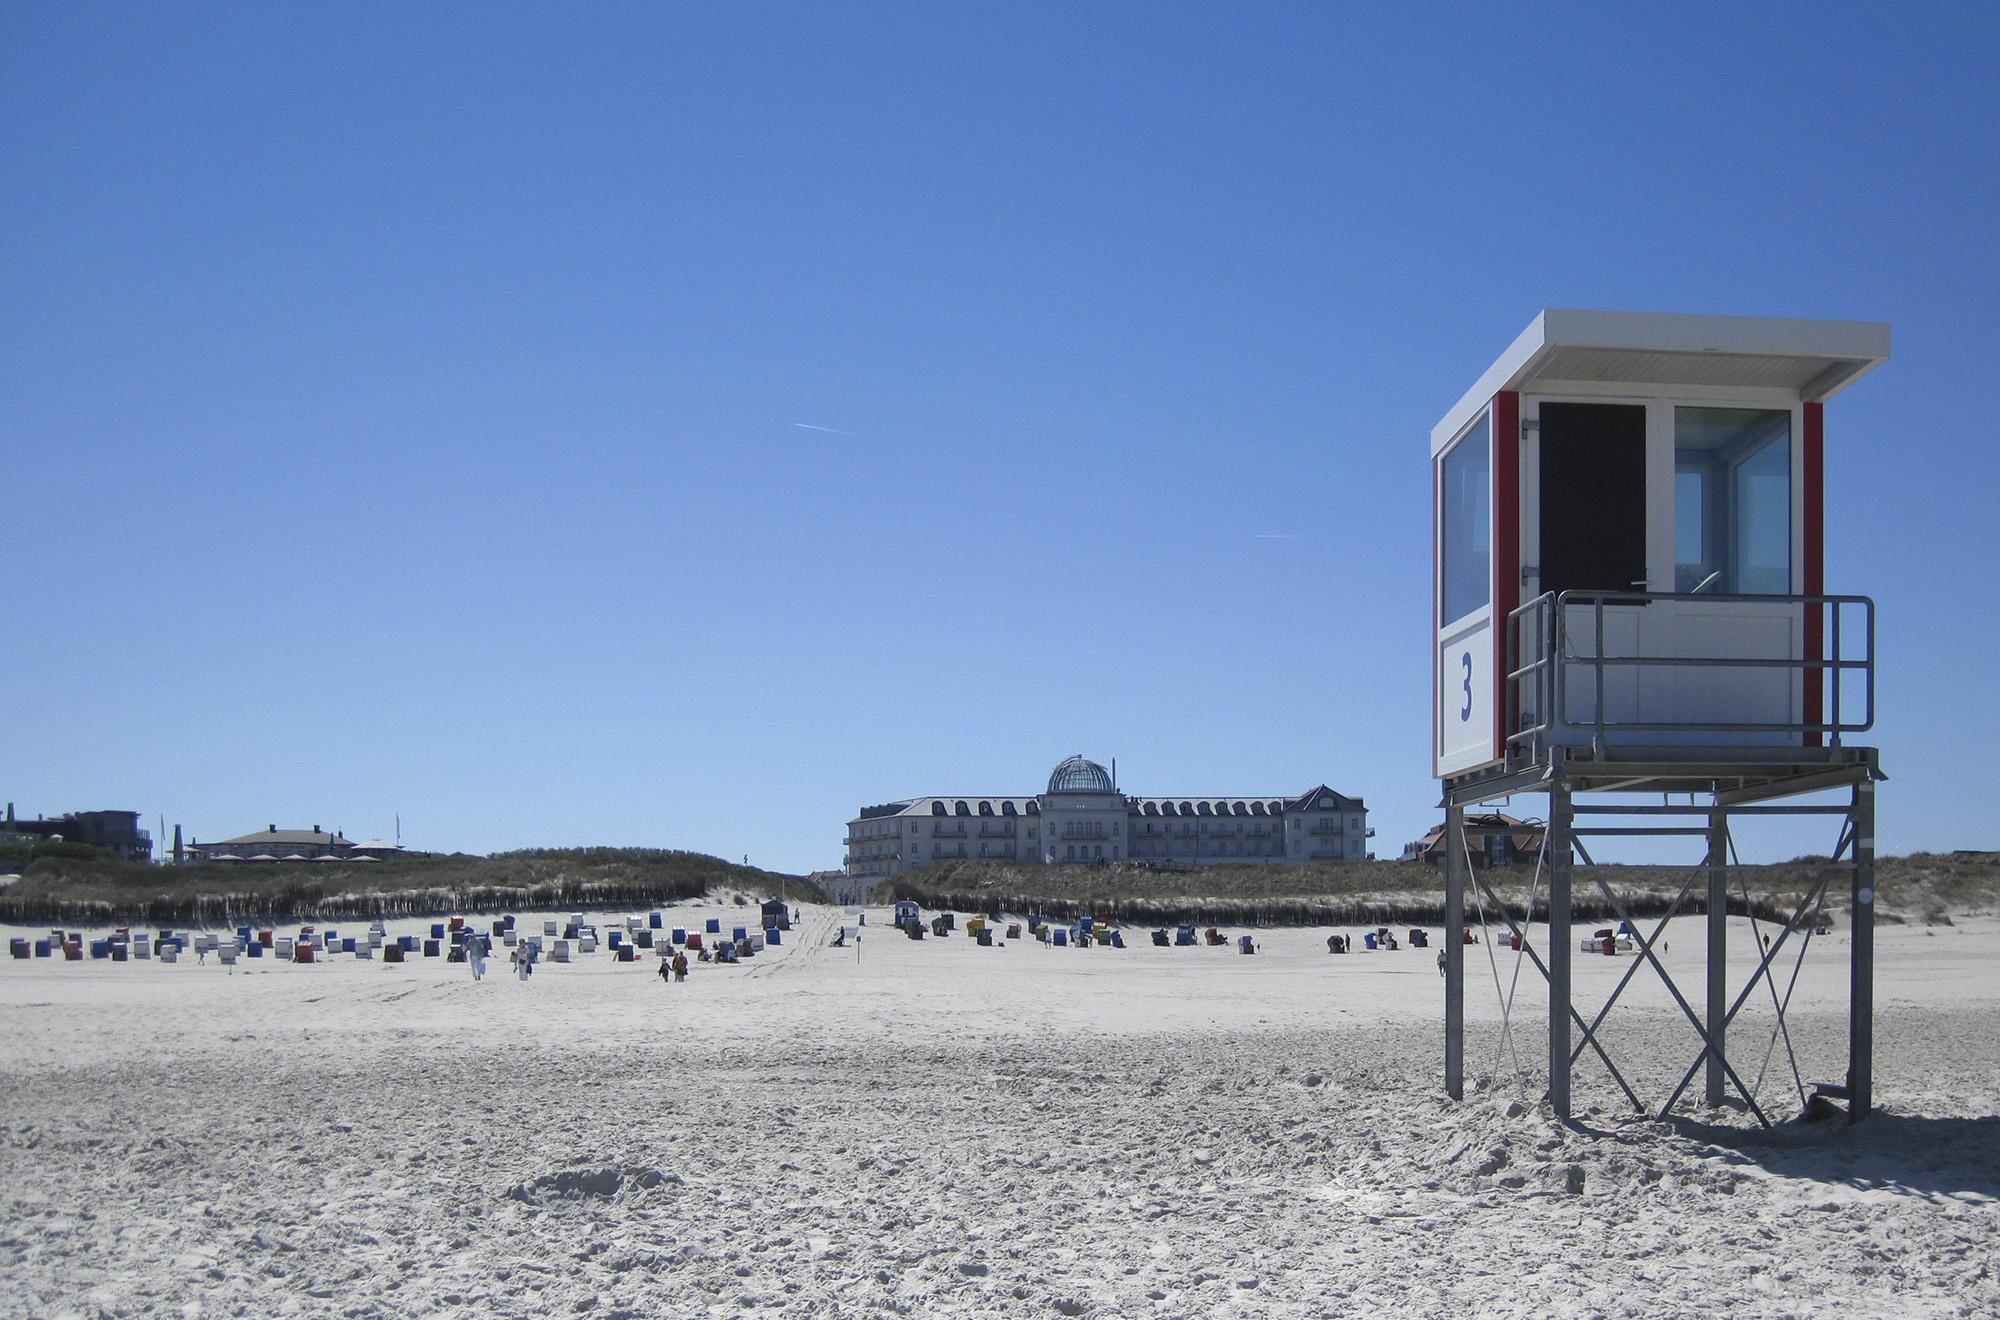 Strandbesuch: Willst du Strand, fahr nach Juist!